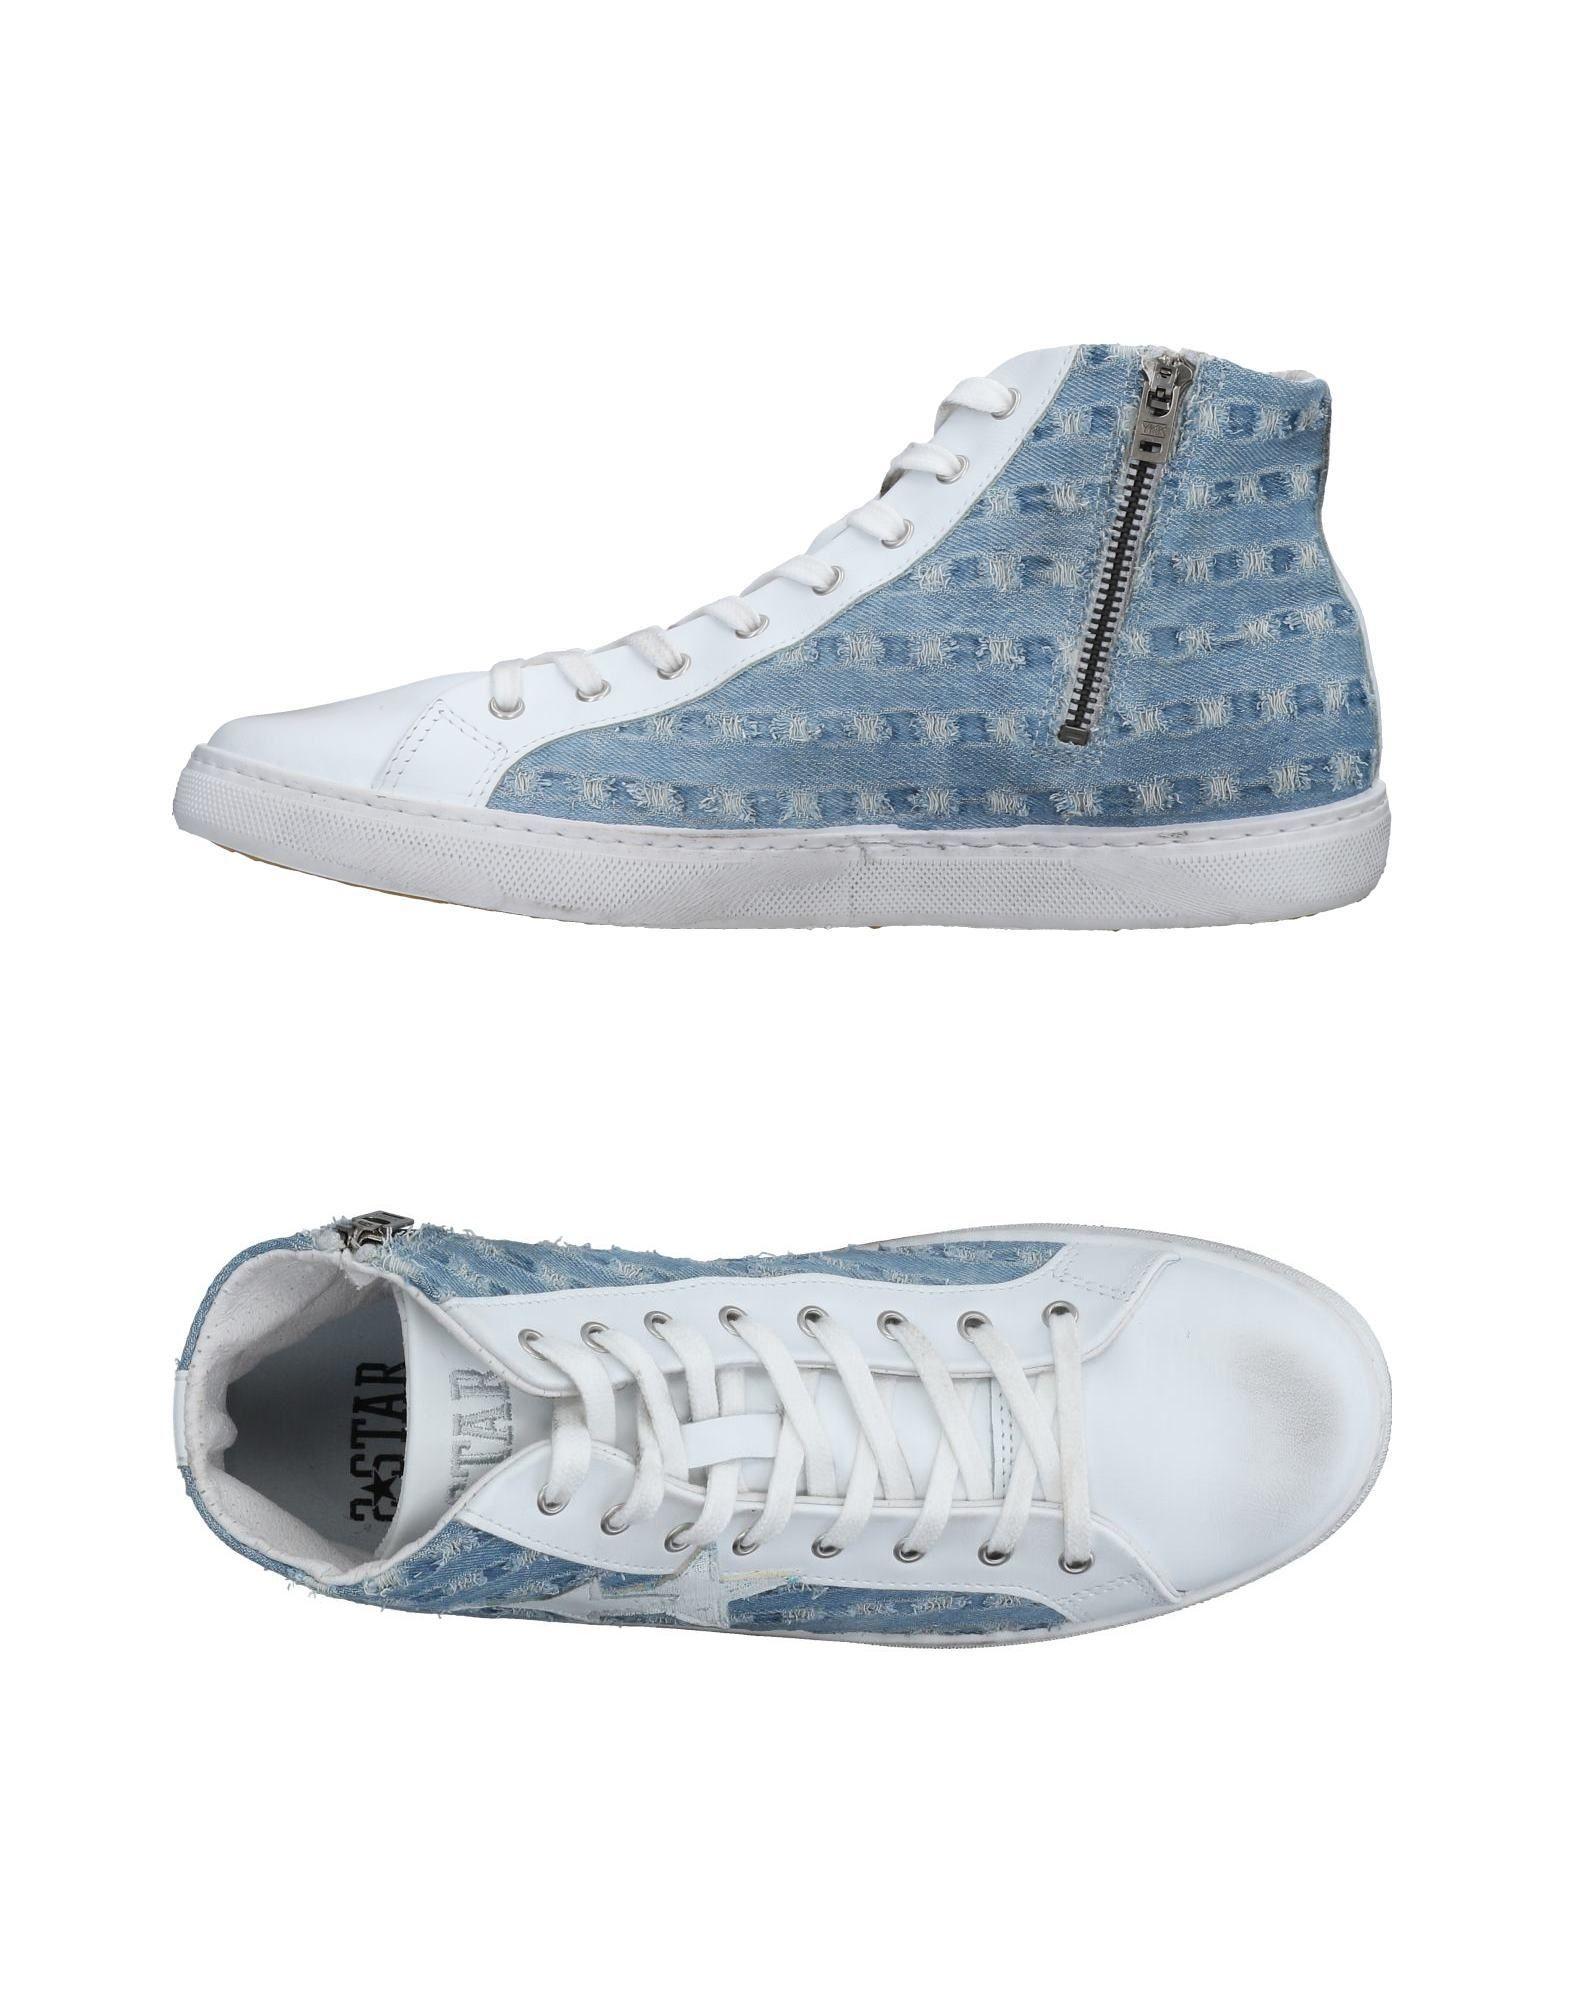 2Star Sneakers Herren   Herren 11468423VV df0cd2